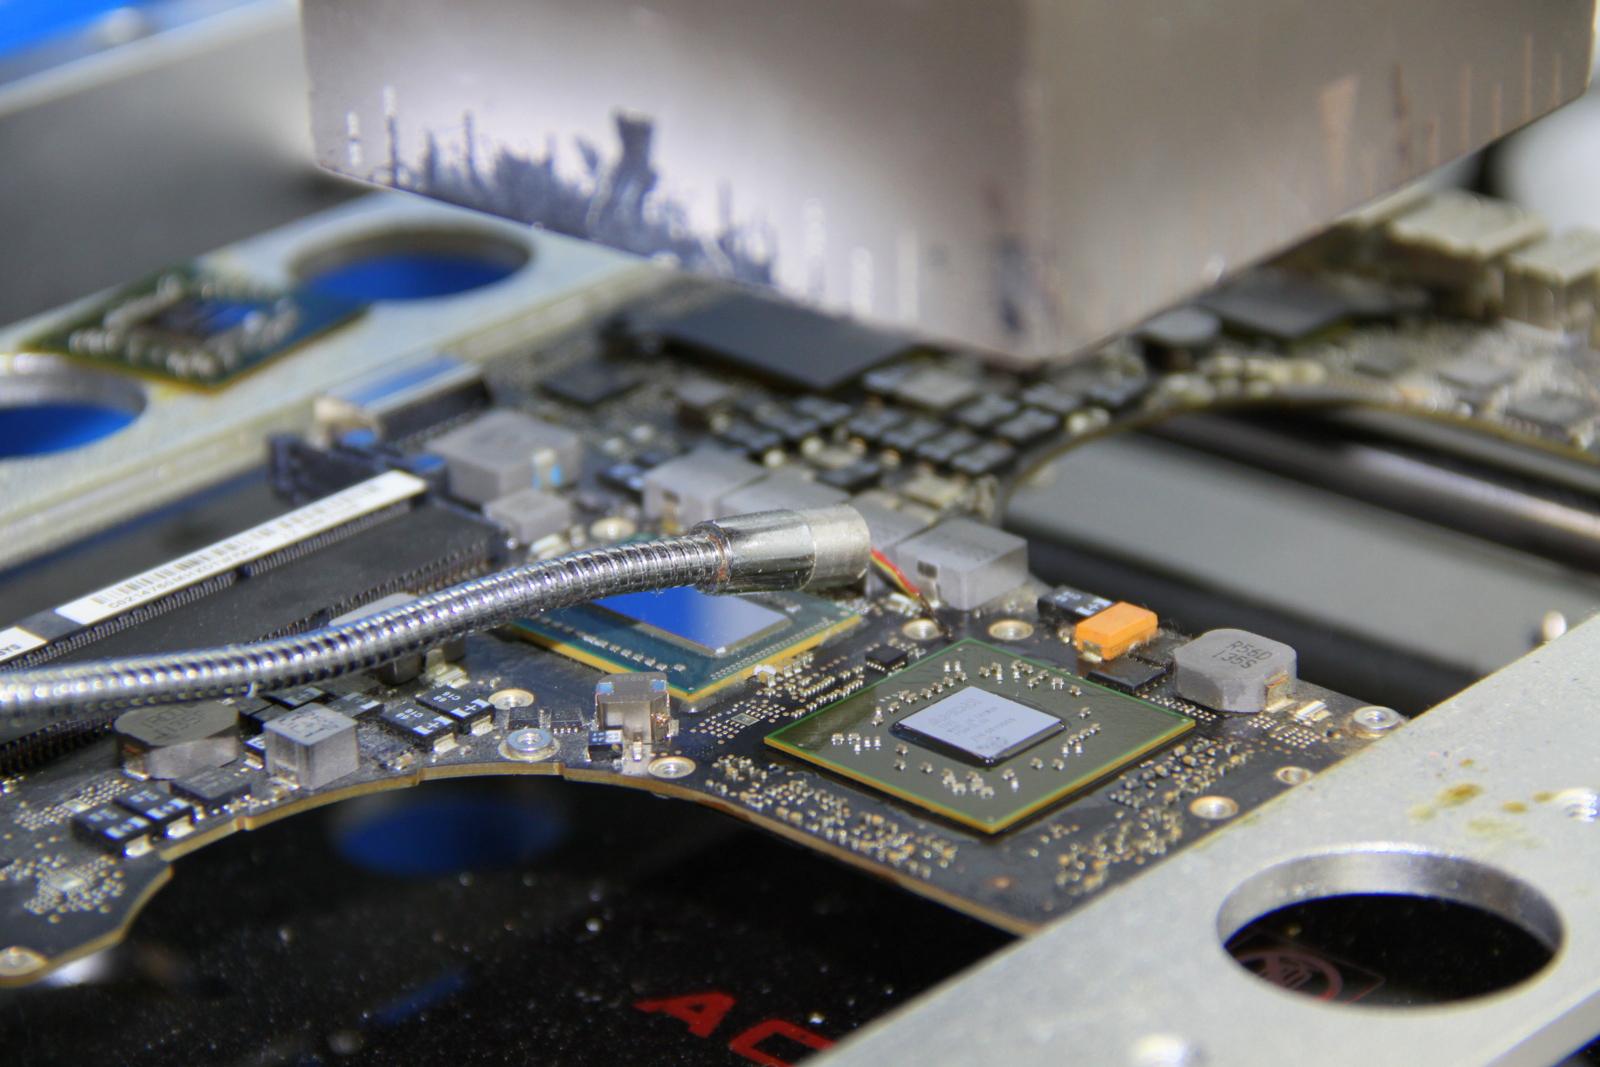 MacBook Pro 15 2011 mit neues Grafikchipsatz